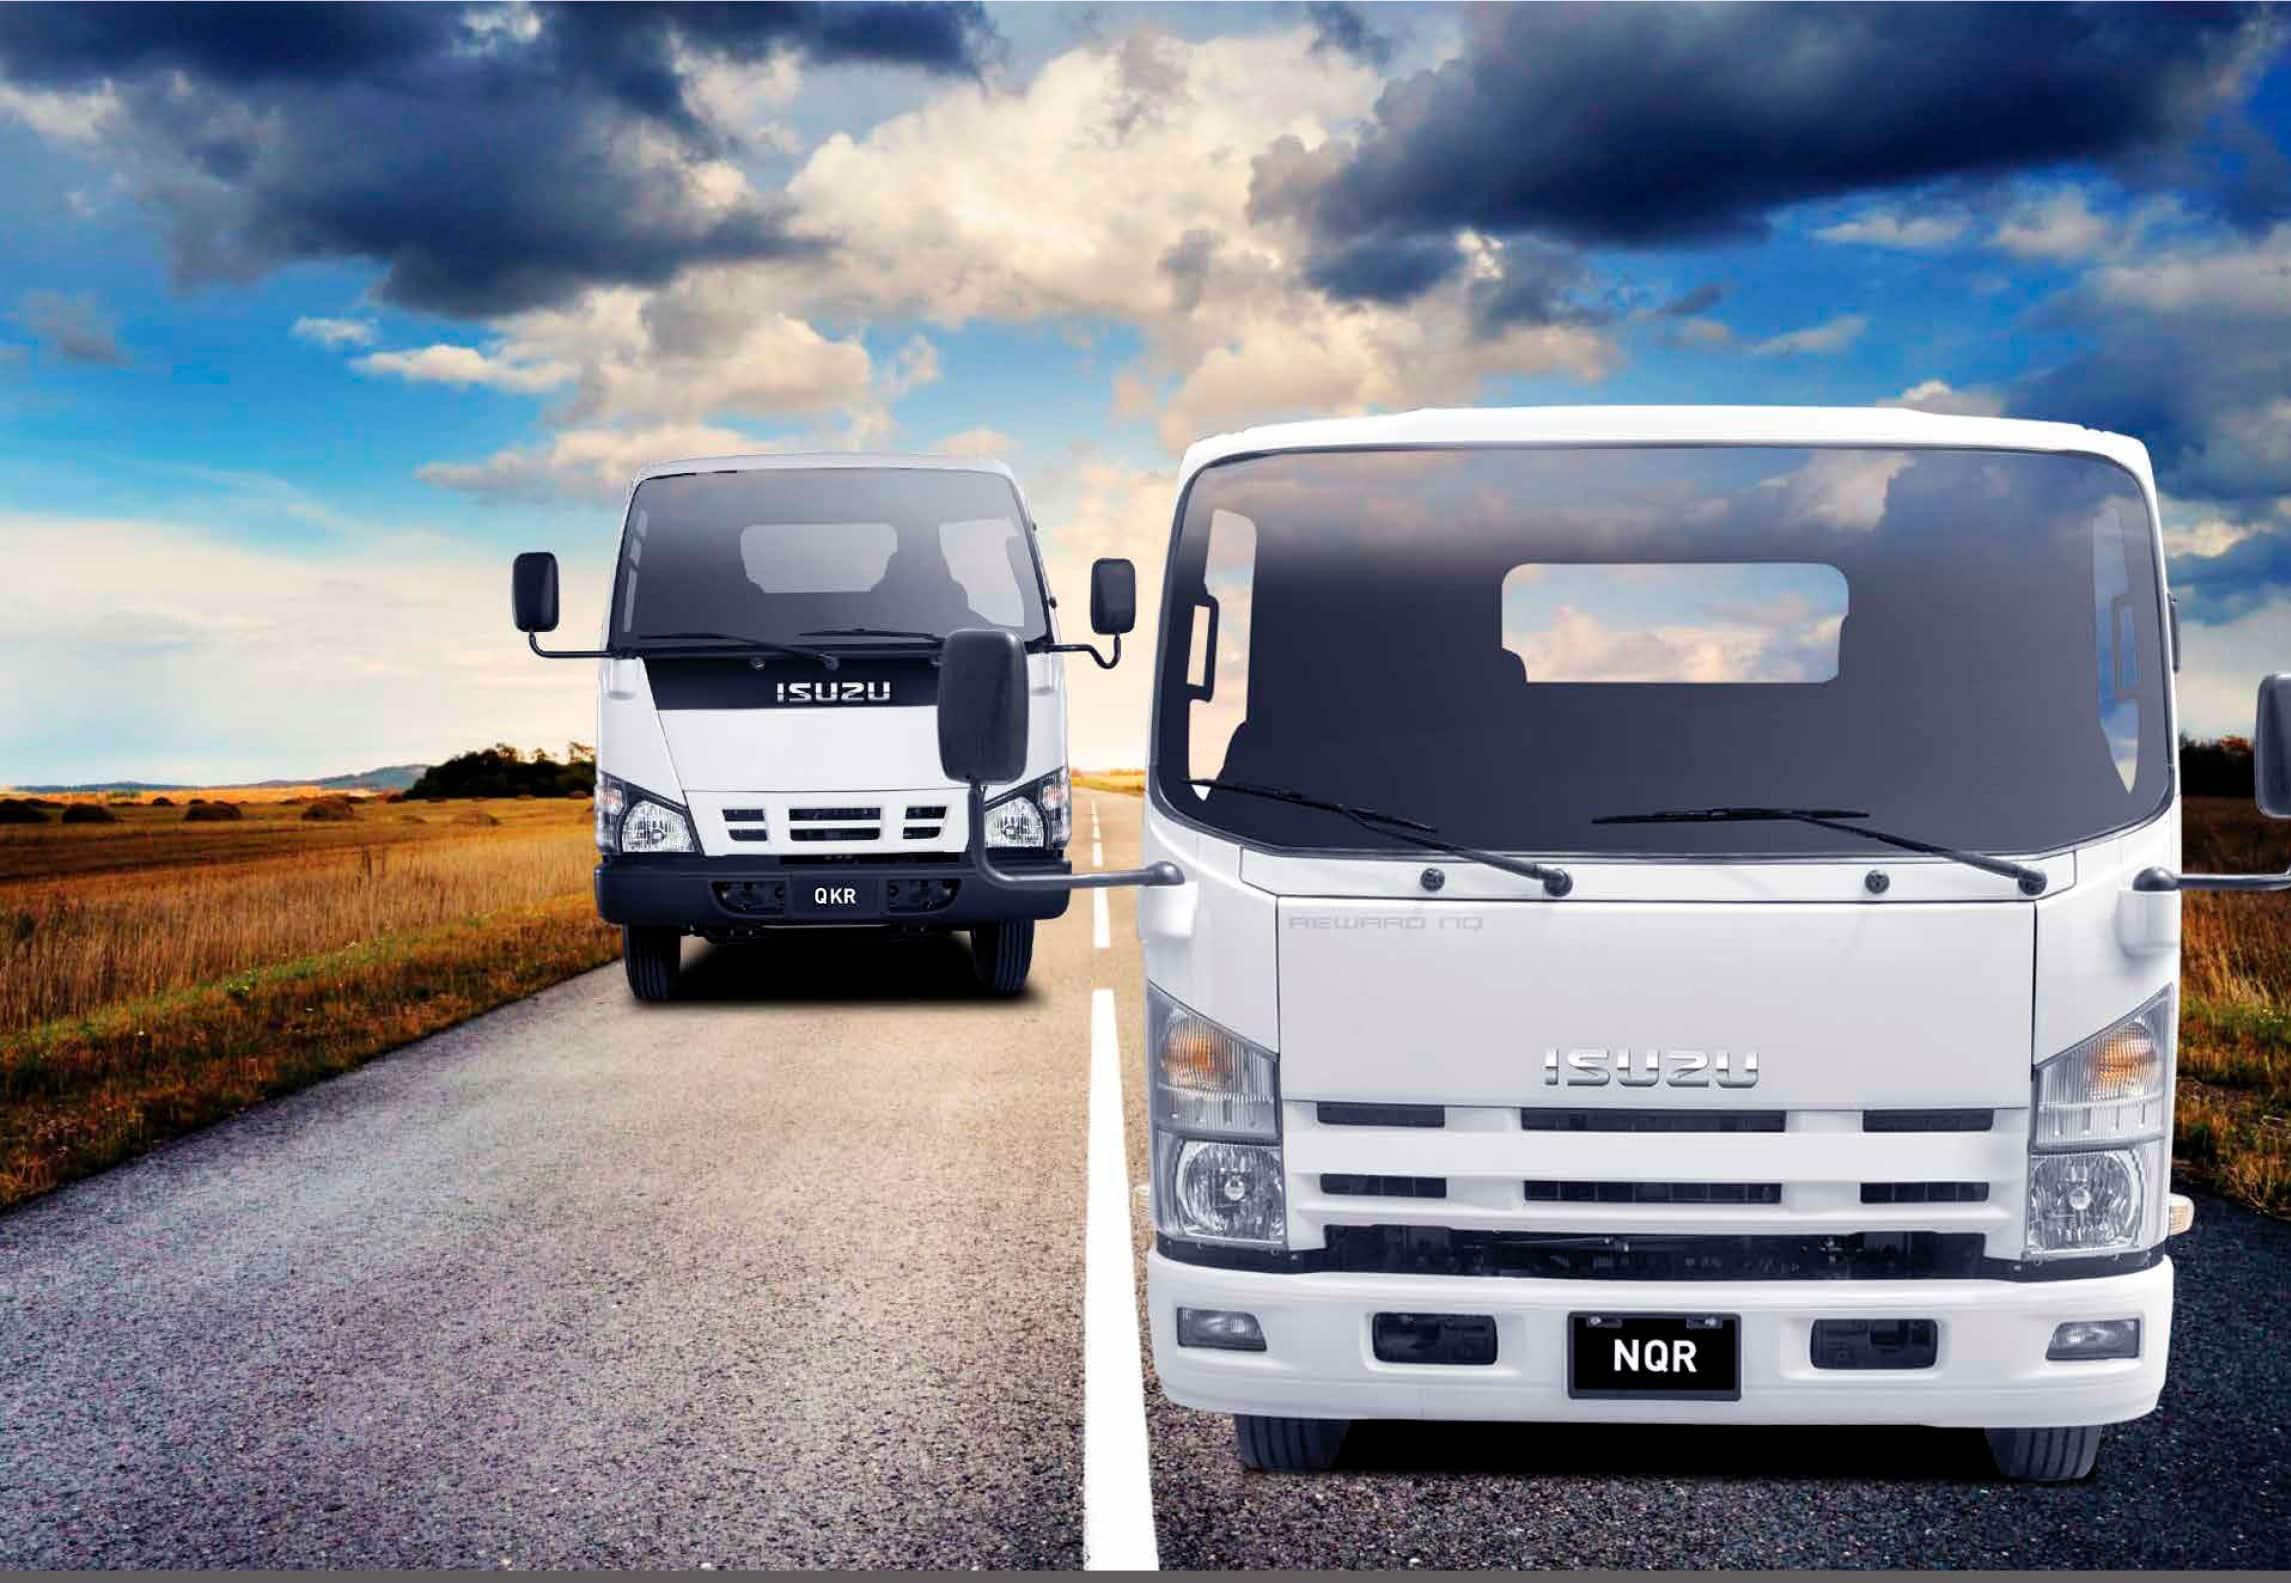 nqr-camiones-isuzu-costarica